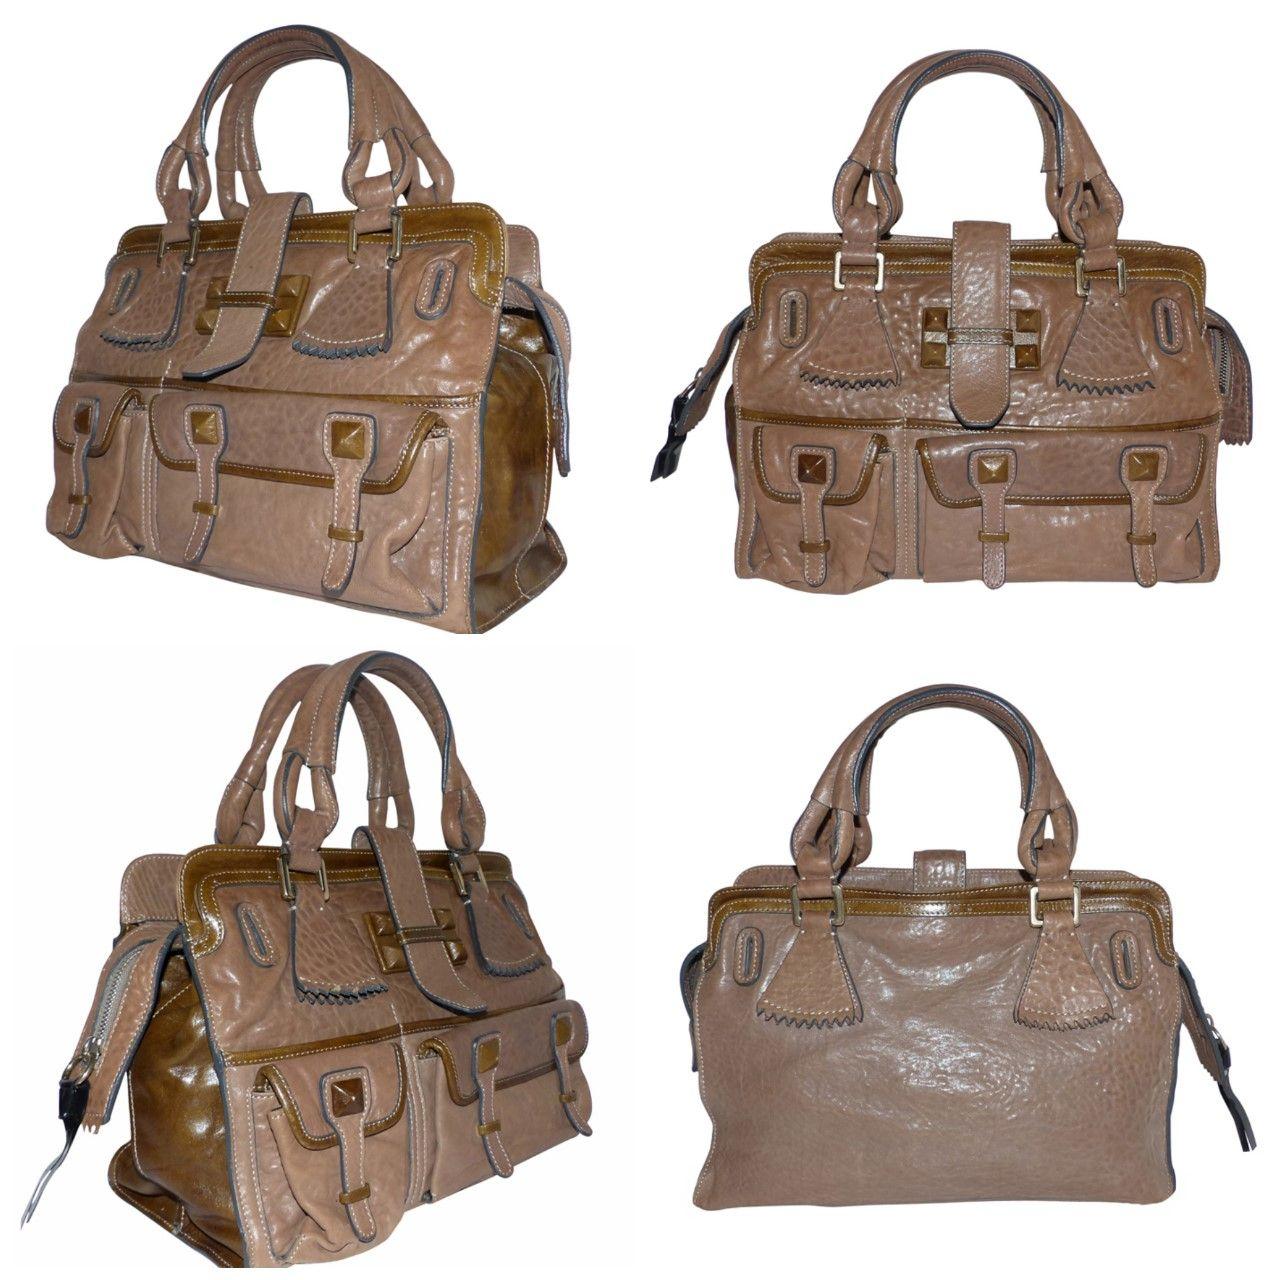 depot vente de luxe en ligne - Luxury Eshop online - CHLOE - SAC CABAS EN 3e93d17a4f7